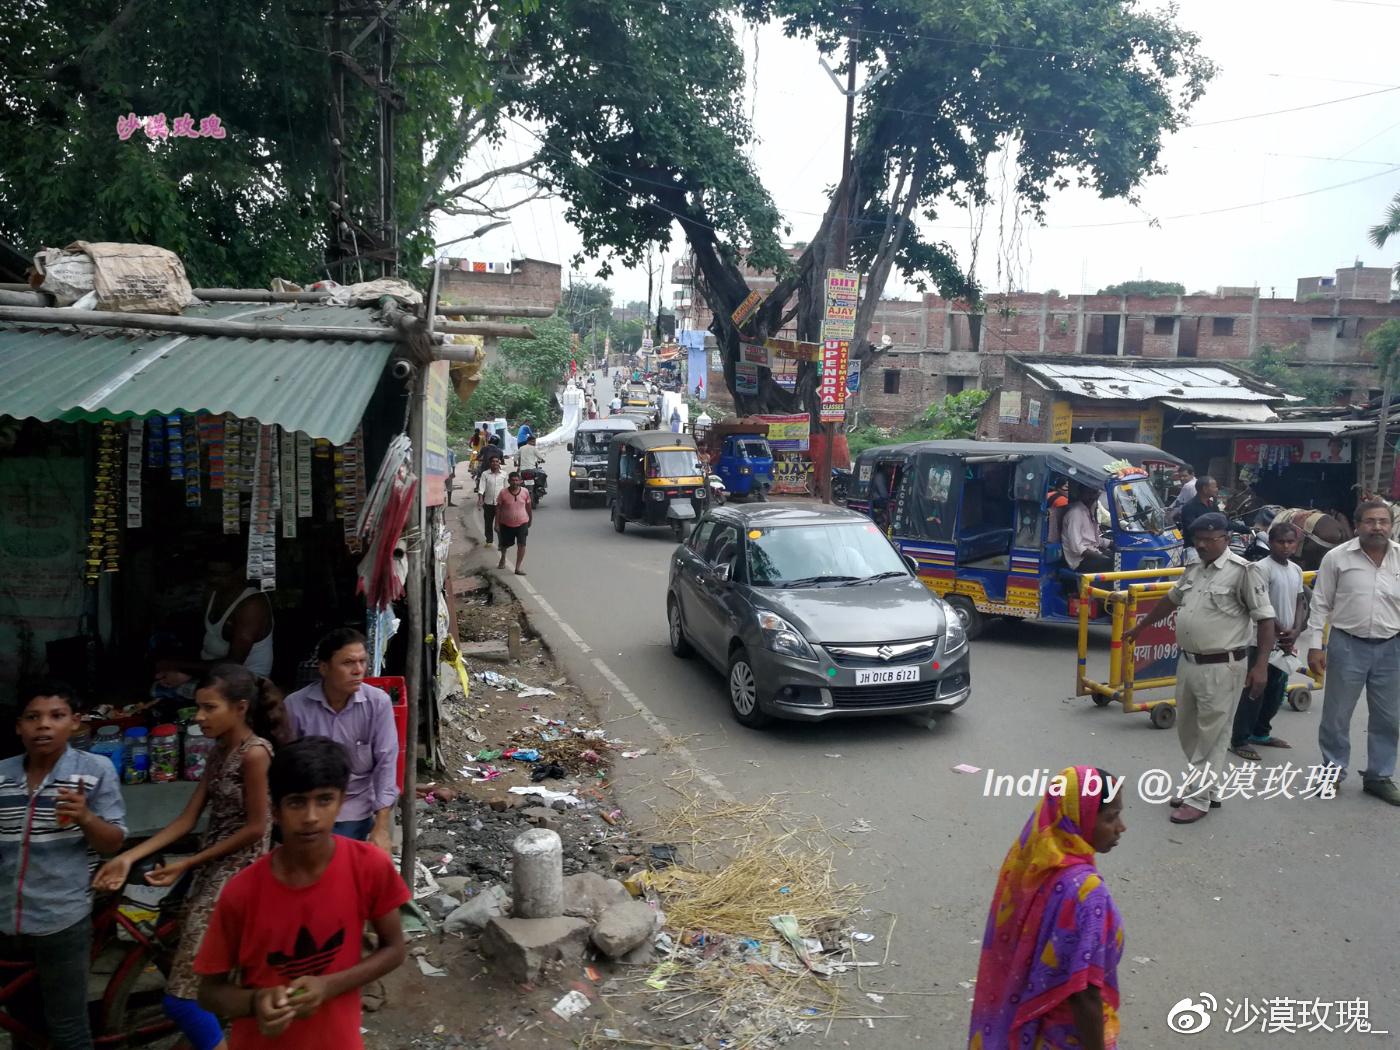 愿生命化作那朵莲花 一次非典型印度之旅